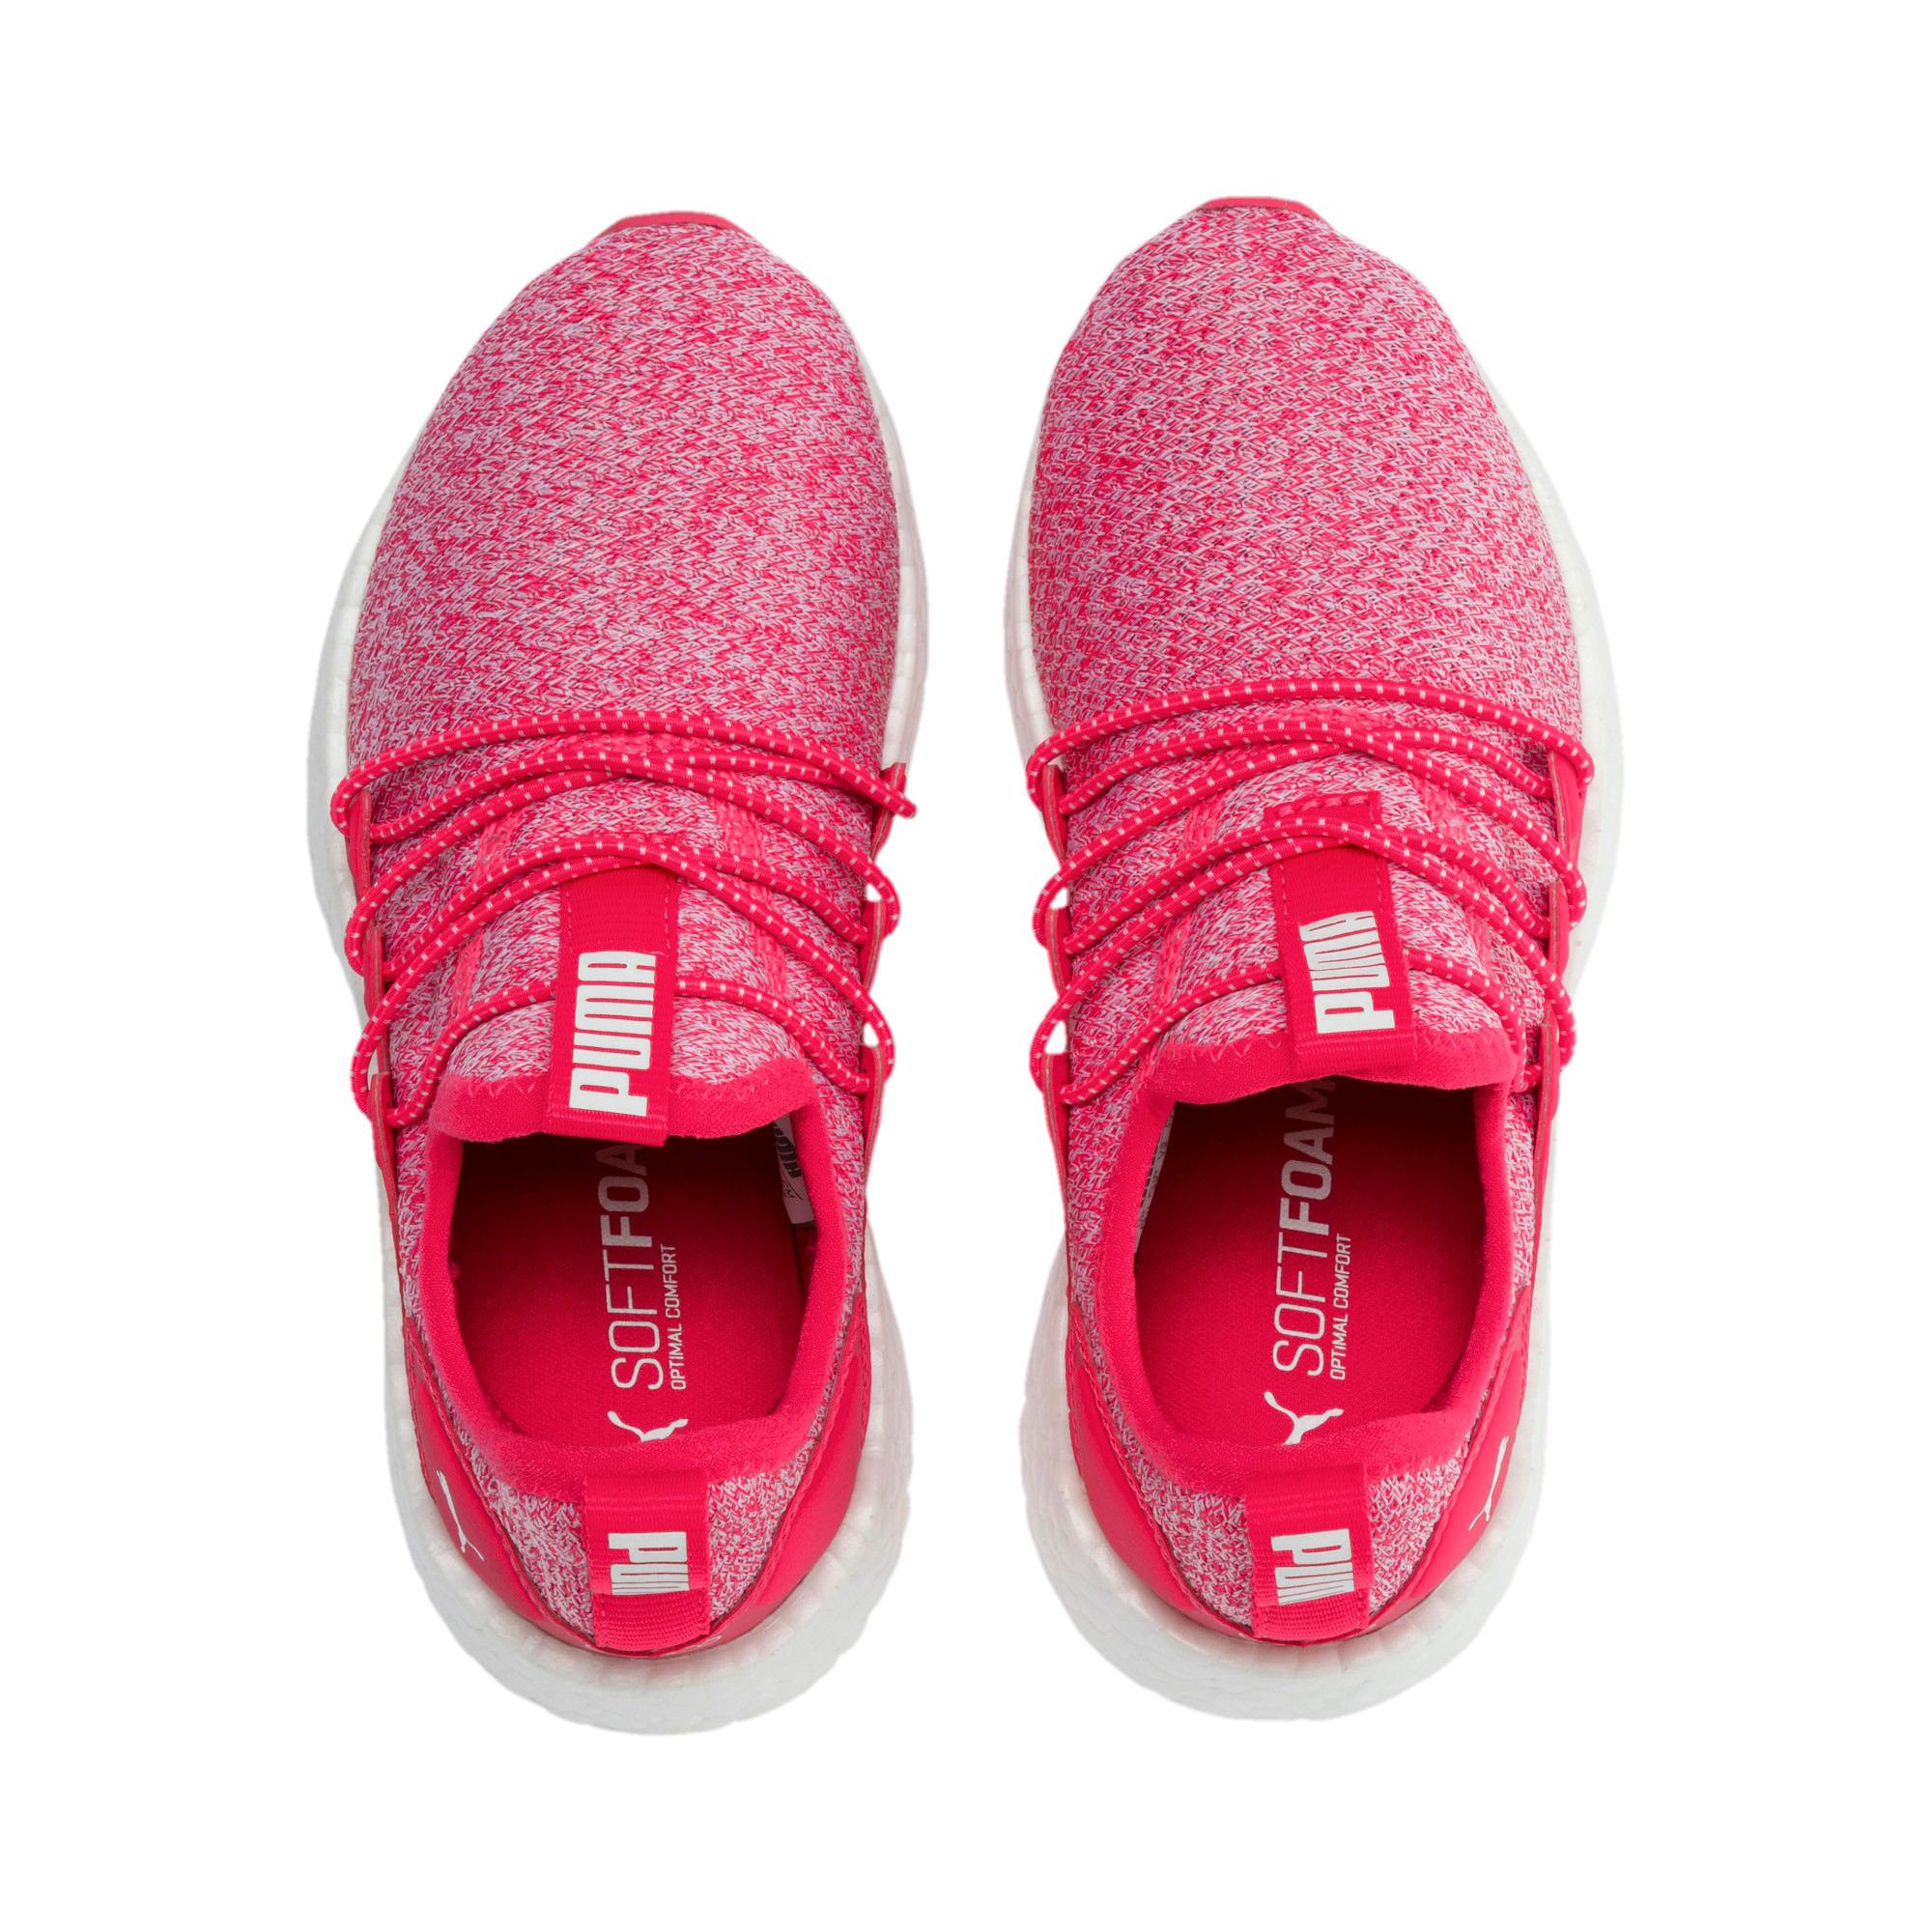 Miniatura 6 de Zapatos de punto NRGY Neko para PS, Nrgy Rose-Puma White, mediano